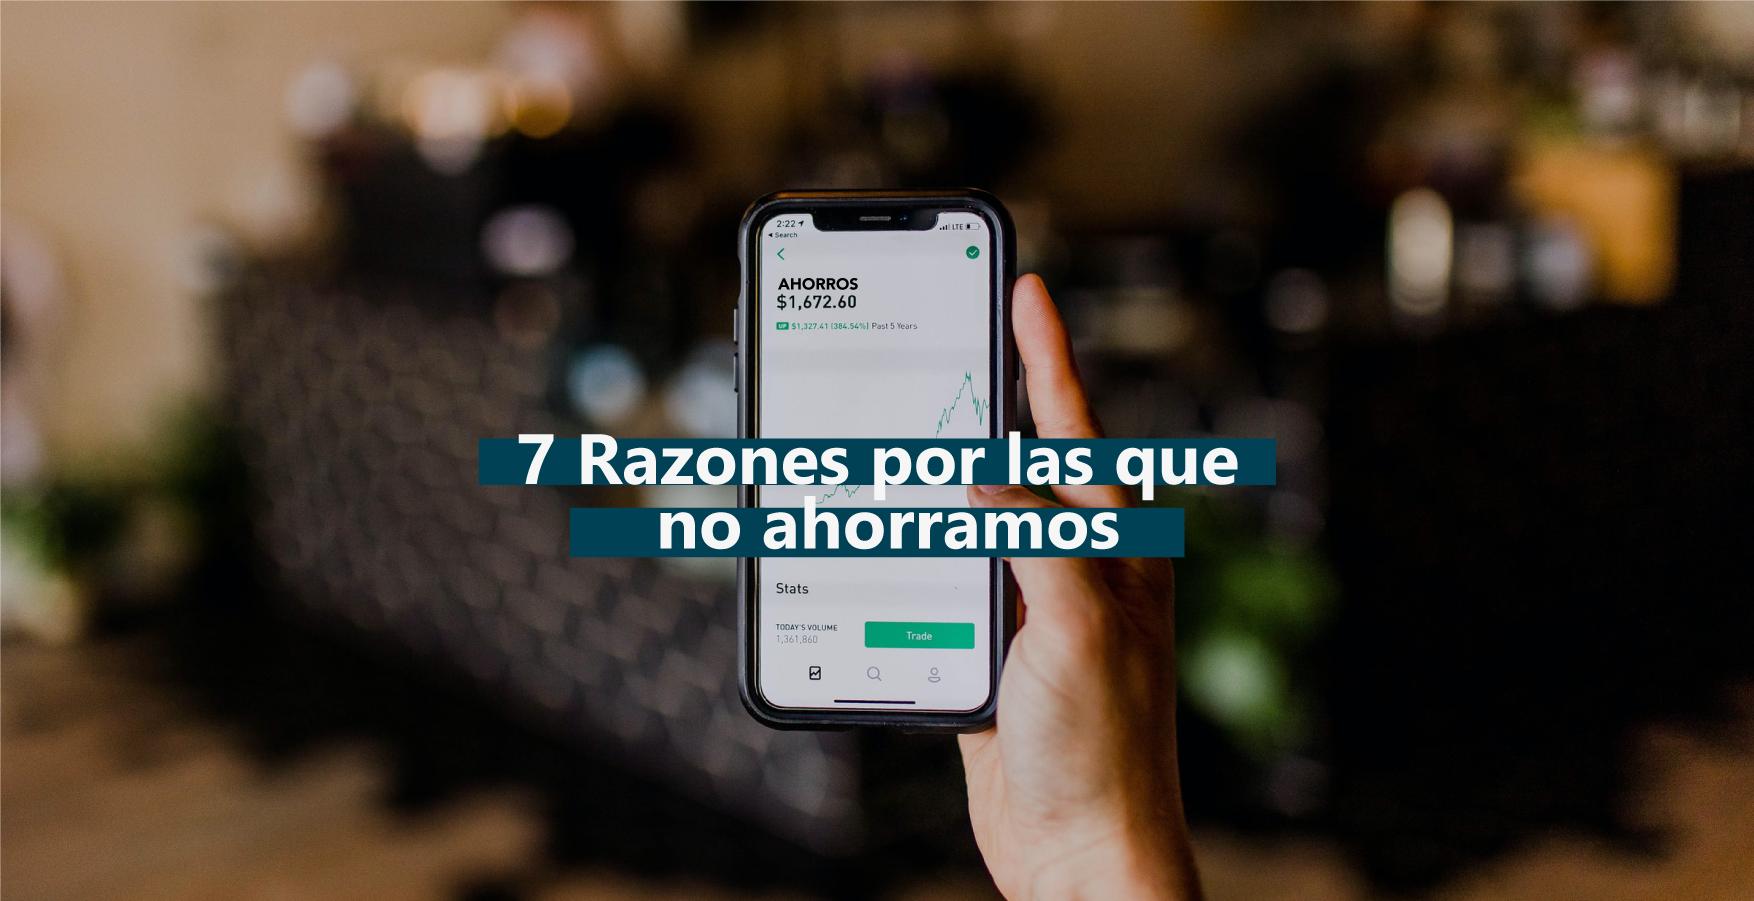 7-razones-no-ahorramos